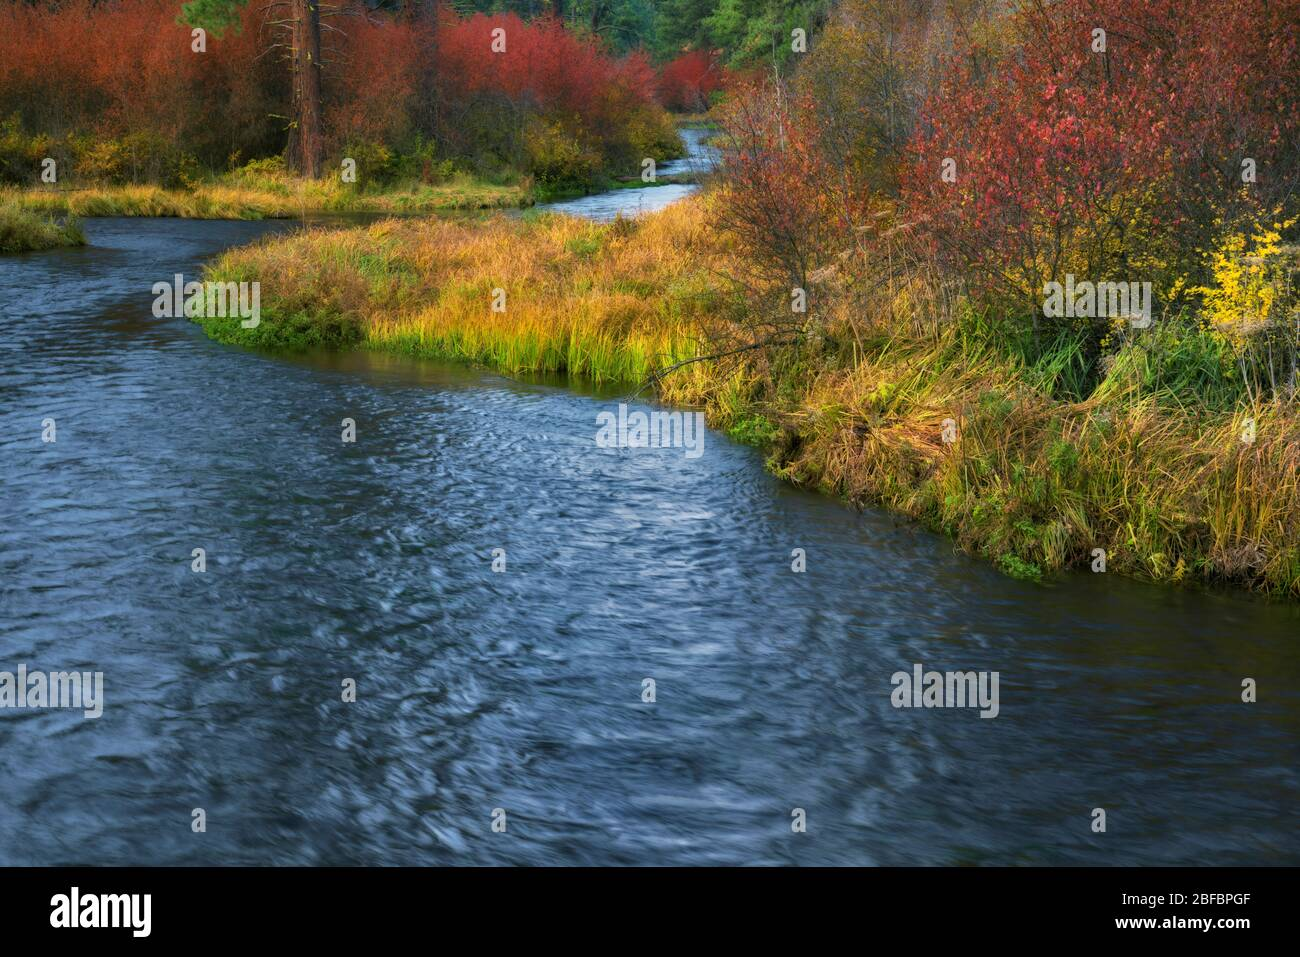 Vibrant autumn colors along the Wild & Scenic Metolius River near Camp Sherman in Central Oregon's Jefferson County. Stock Photo